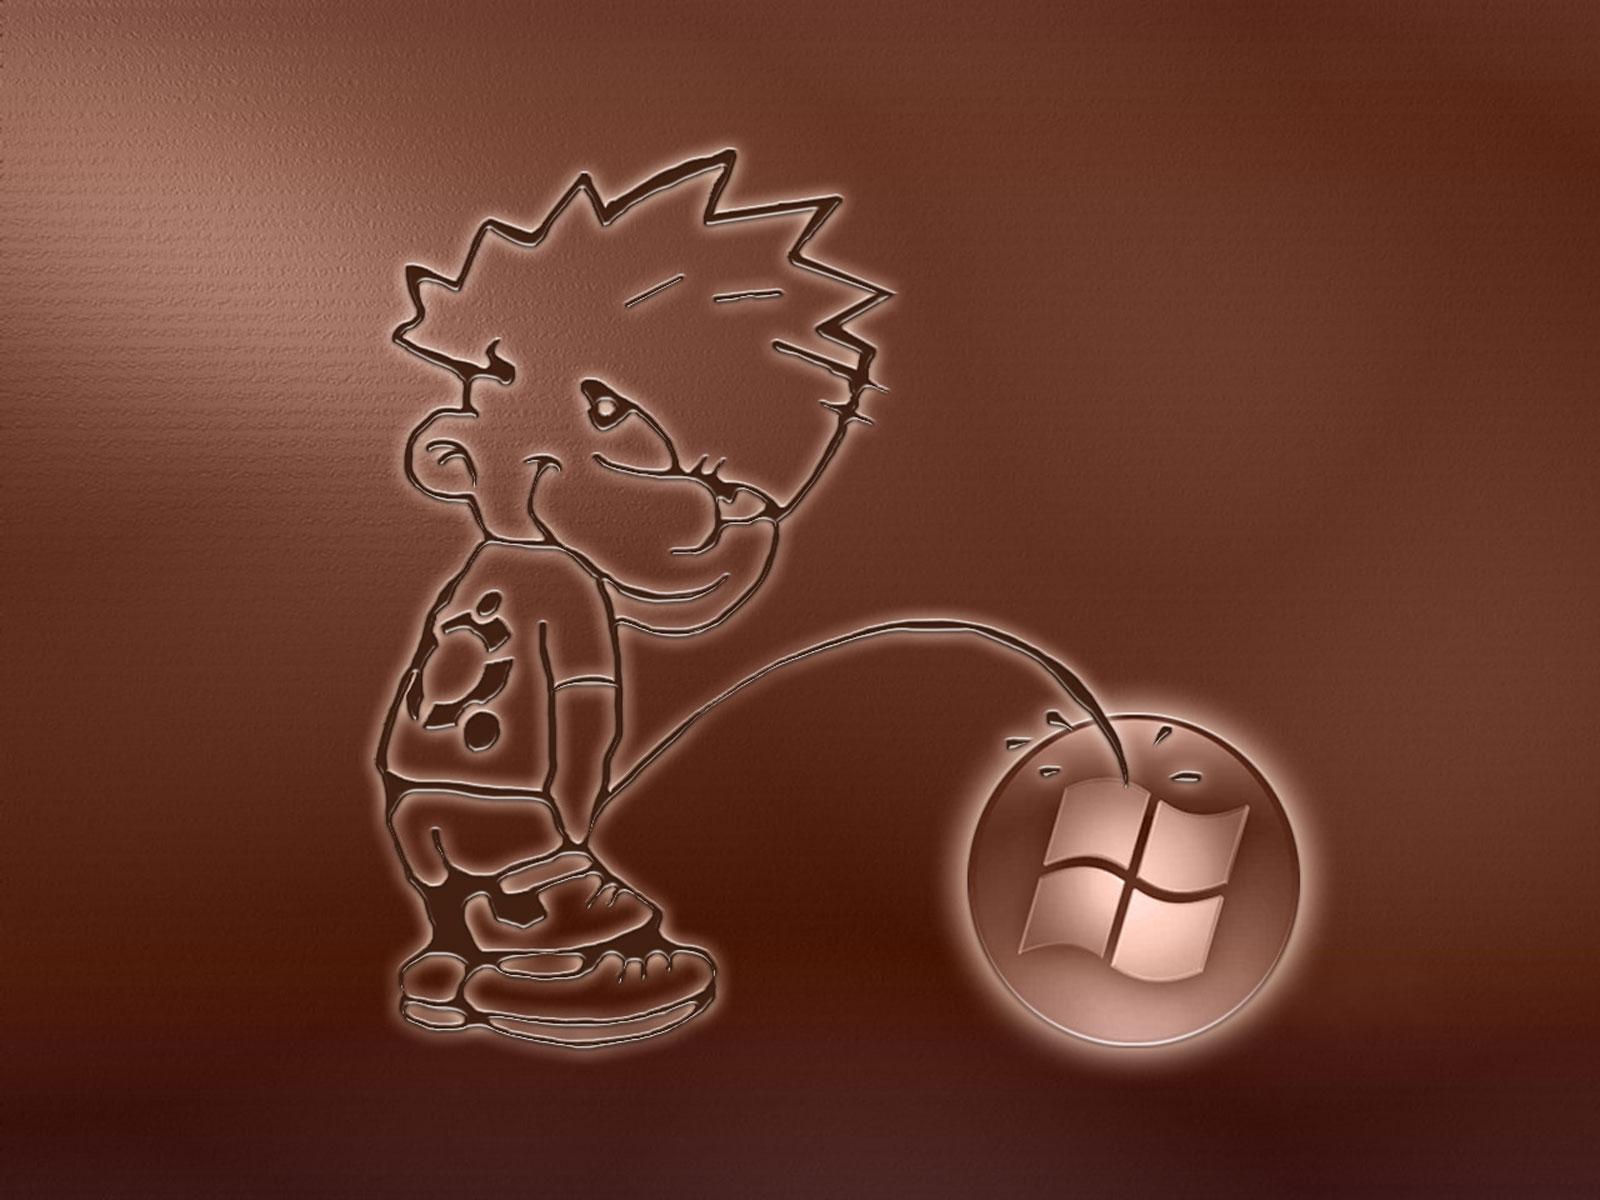 http://3.bp.blogspot.com/-5_aOxxYZoqU/Tee925JUniI/AAAAAAAAAS8/LsTTEkPQpYc/s1600/ubuntu-piss-on-windows.jpg